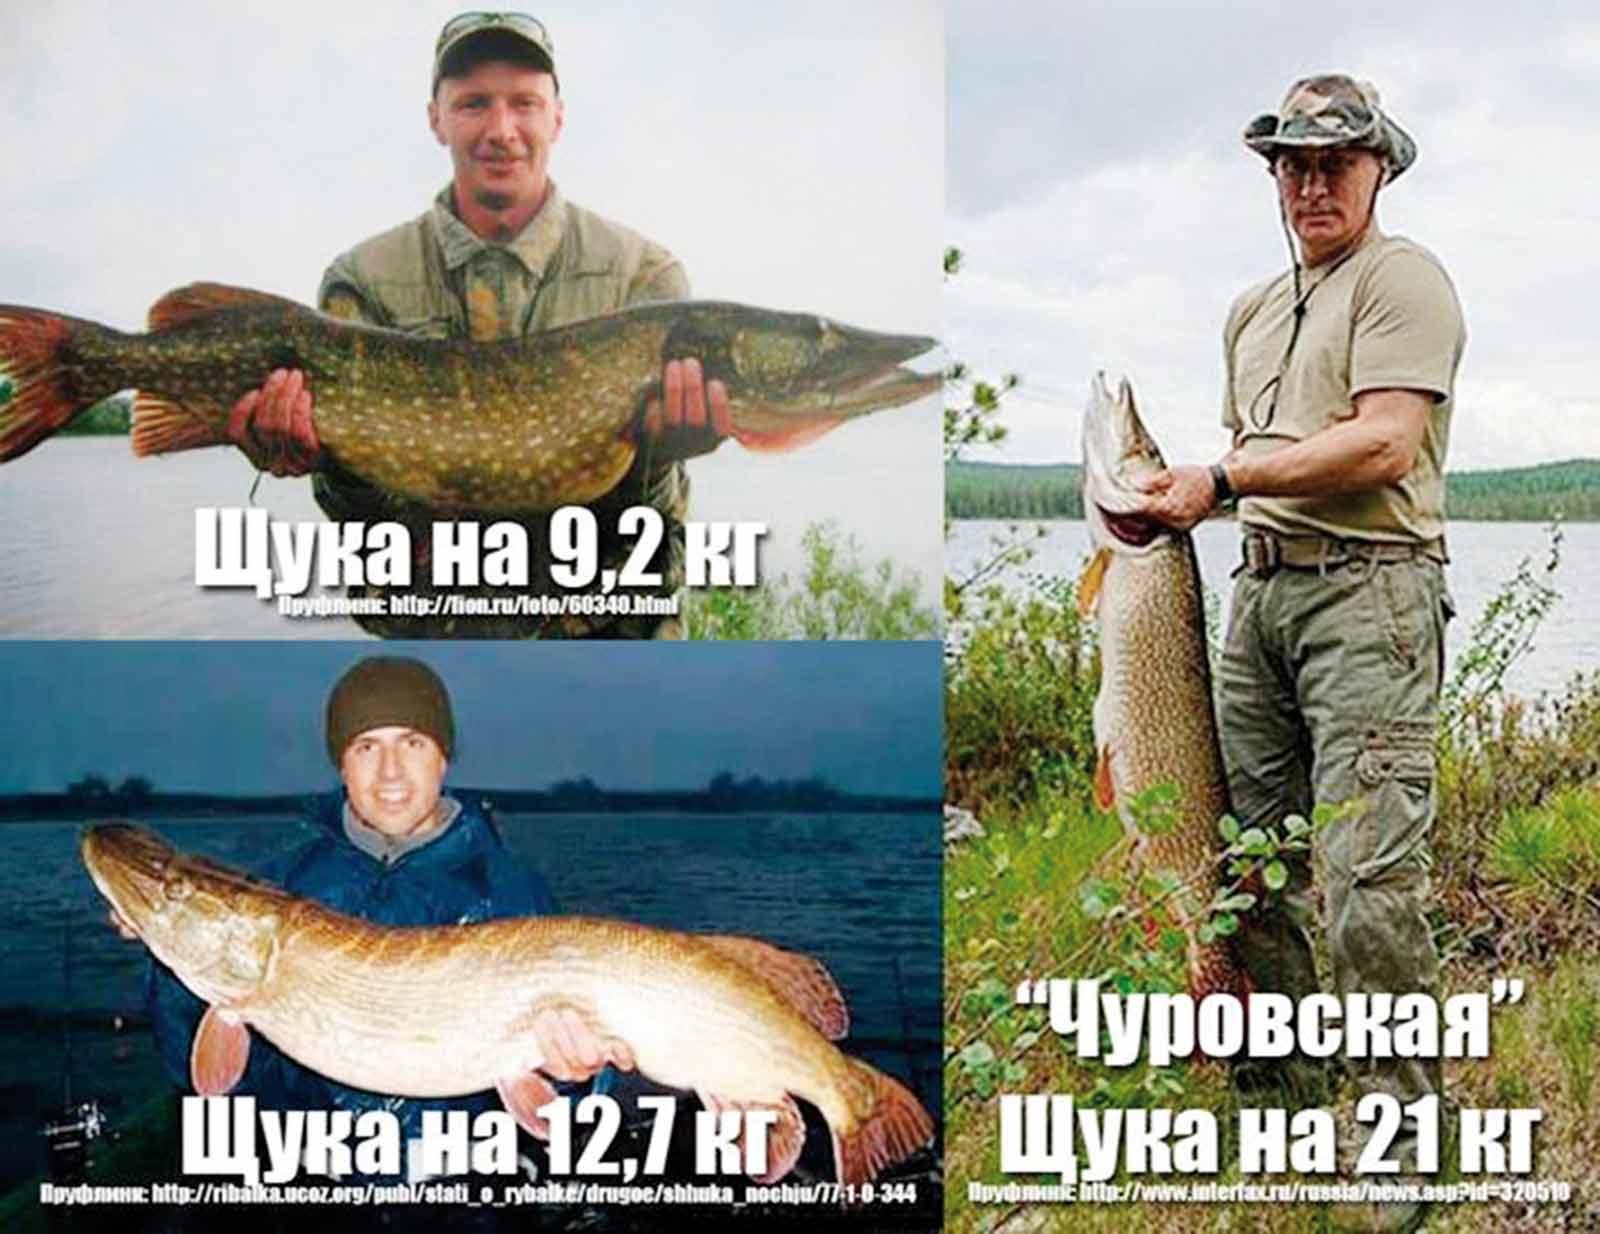 En rigtig lystfisker-historie…